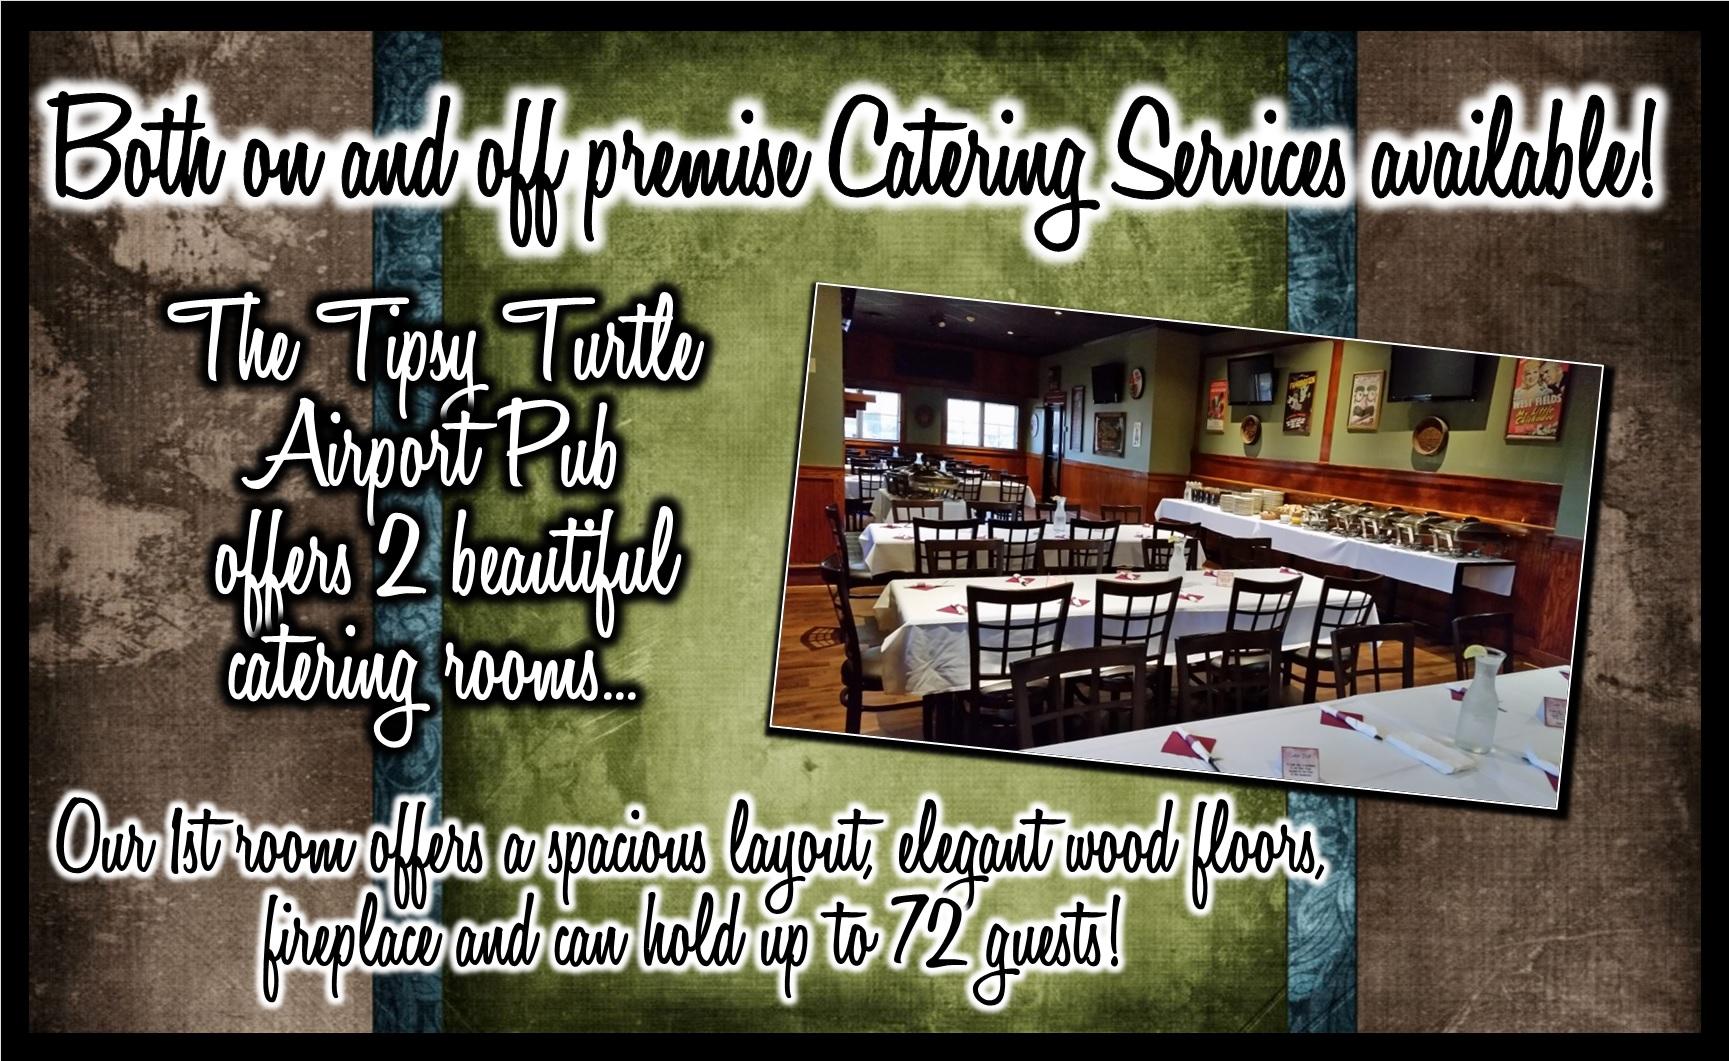 catering slide 2